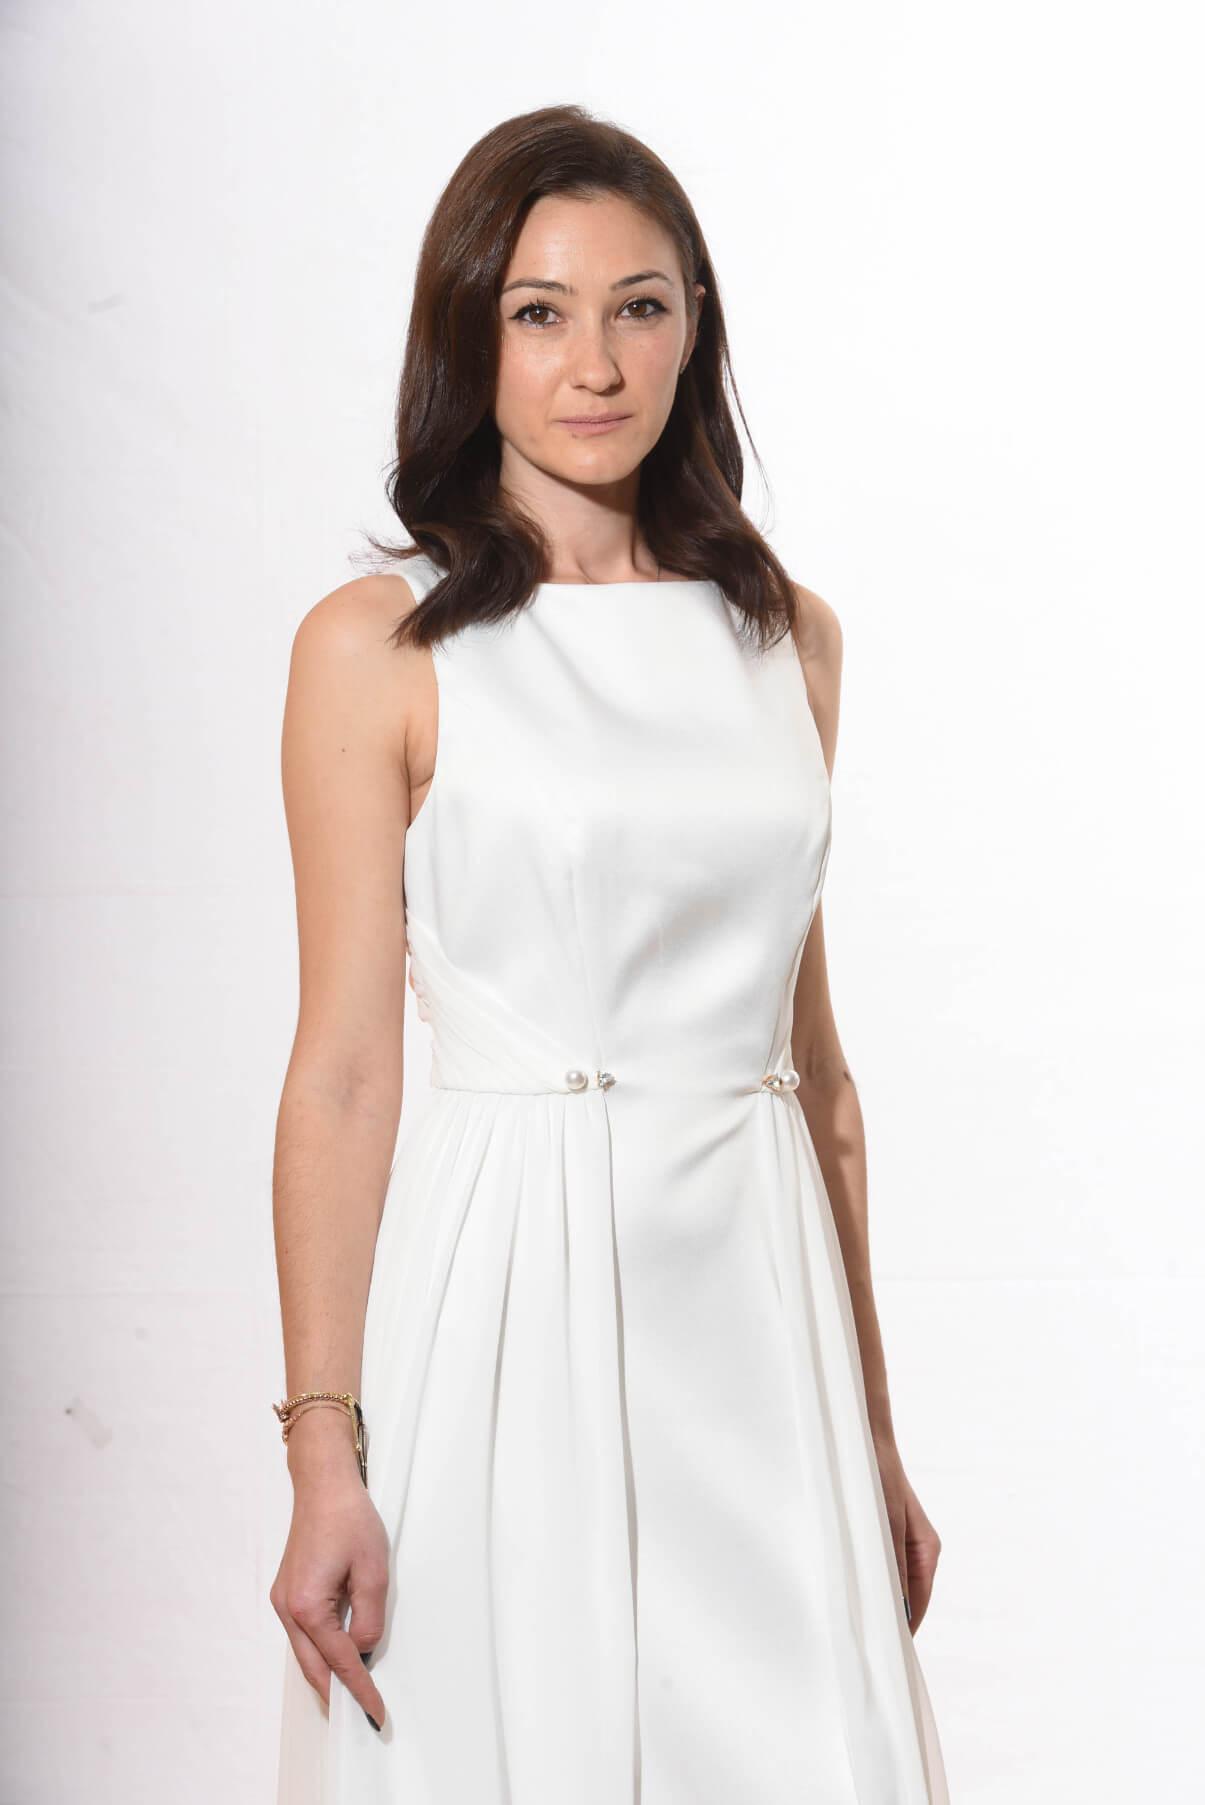 ff6c1db60ba Επίσημη Βραδινή Τουαλέτα Σατέν - Flirt in Fashion